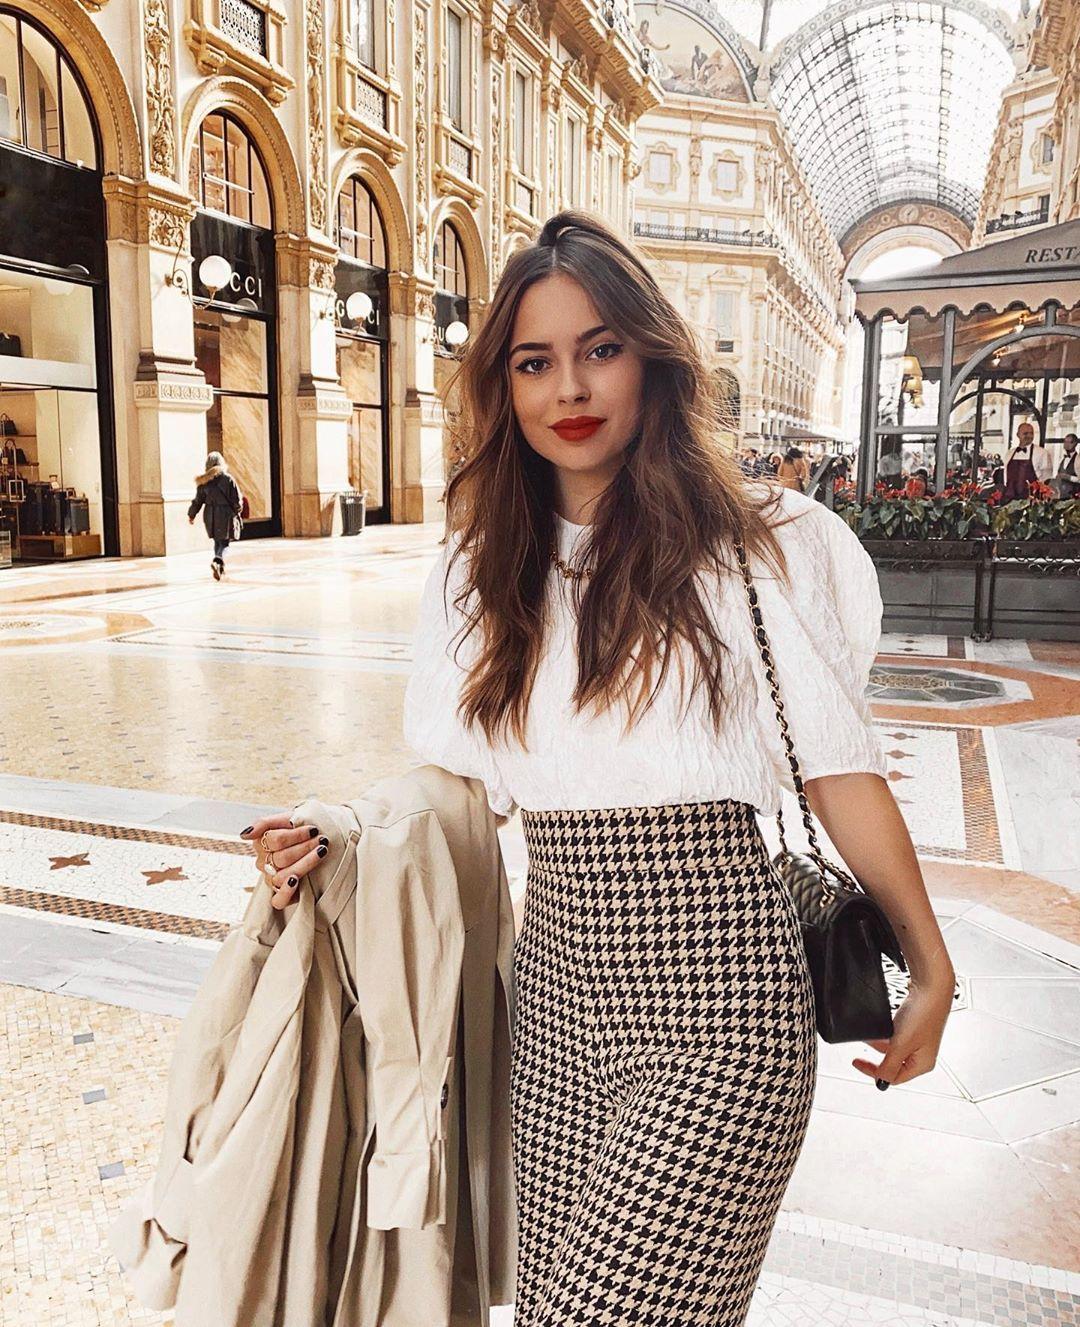 """Photo of 𝑱𝒐𝒅𝒊𝒆 𝒍𝒂 𝒑𝒆𝒕𝒊𝒕𝒆 𝒇𝒓𝒆𝒏𝒄𝒉𝒊𝒆 on Instagram: """"Milano ti amo 🌹 débat, vous préférez : Milan ou Rome ? 🙈 merci @armanibeauty pour ce séjour de folie ✨ #ArmaniBeauty #LuminousSilk…"""""""